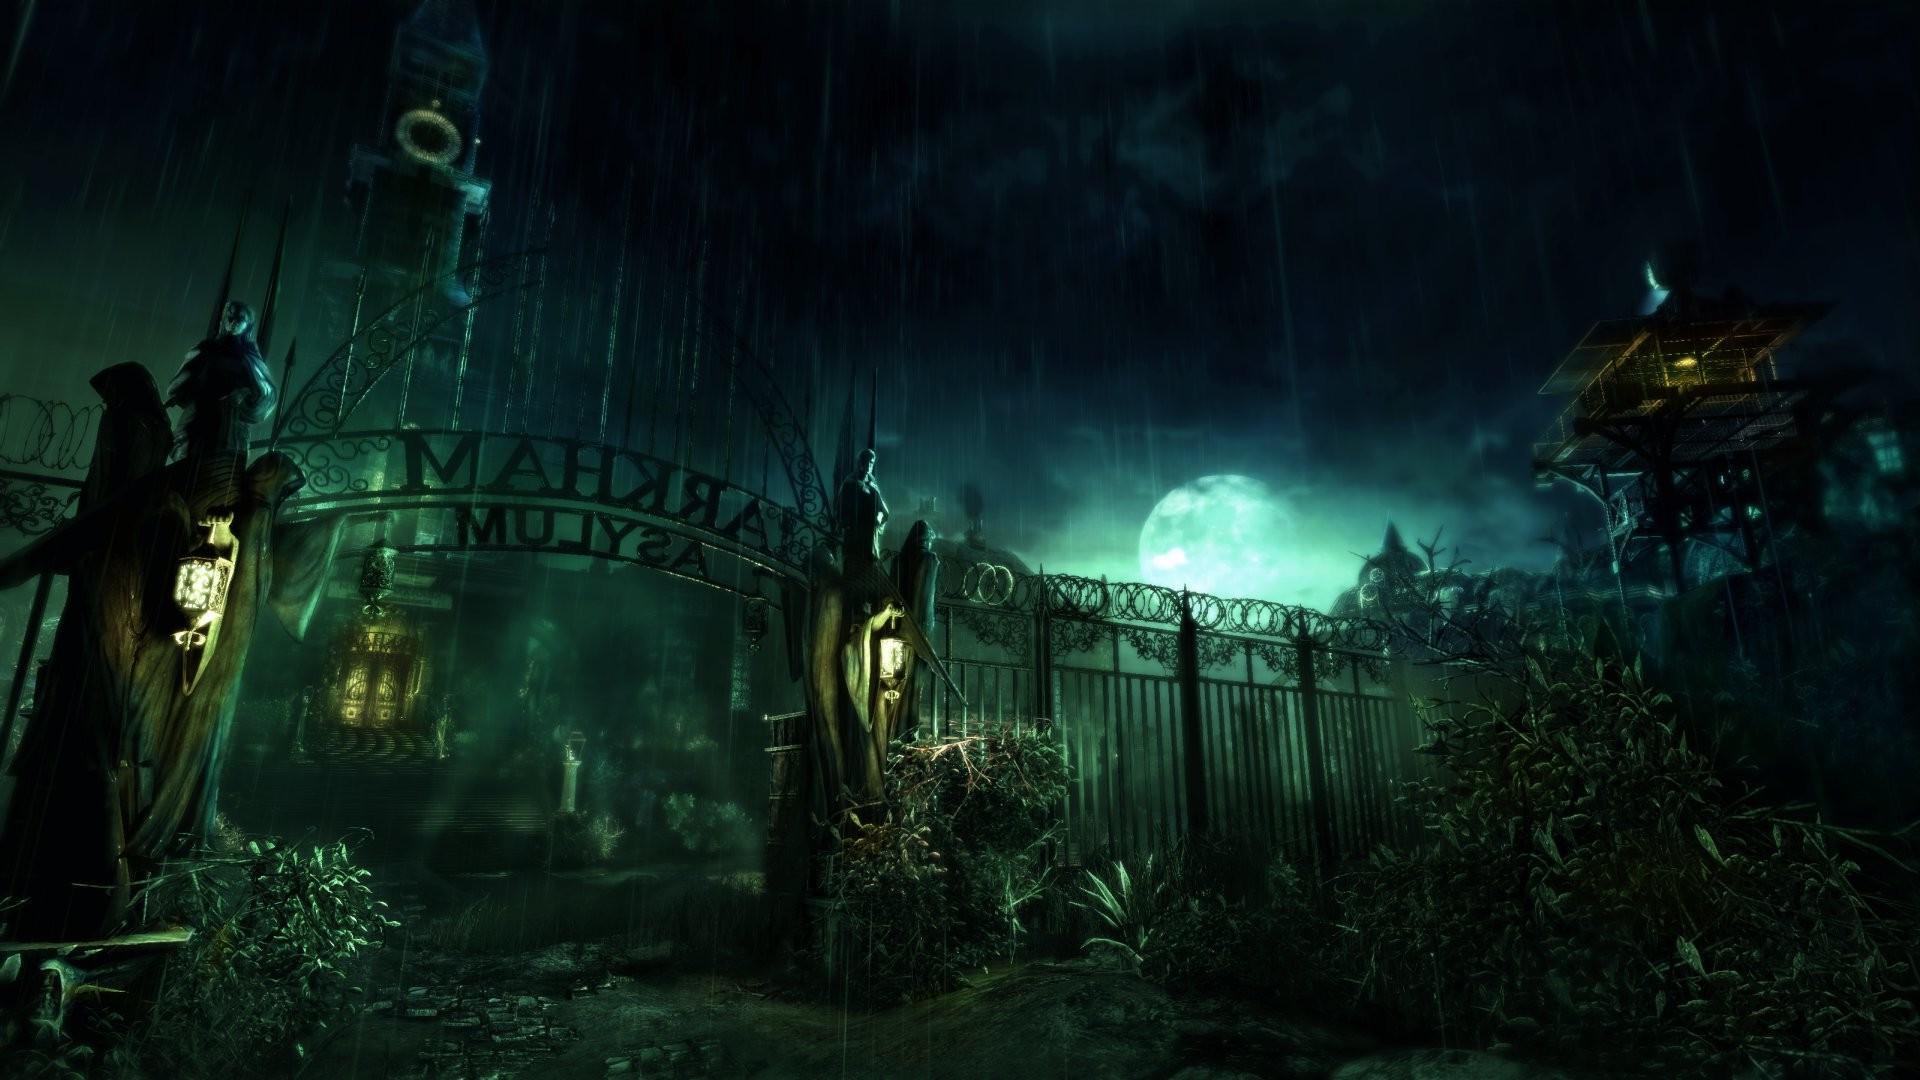 Wallpaper Video Games Night Joker Batman Arkham Asylum